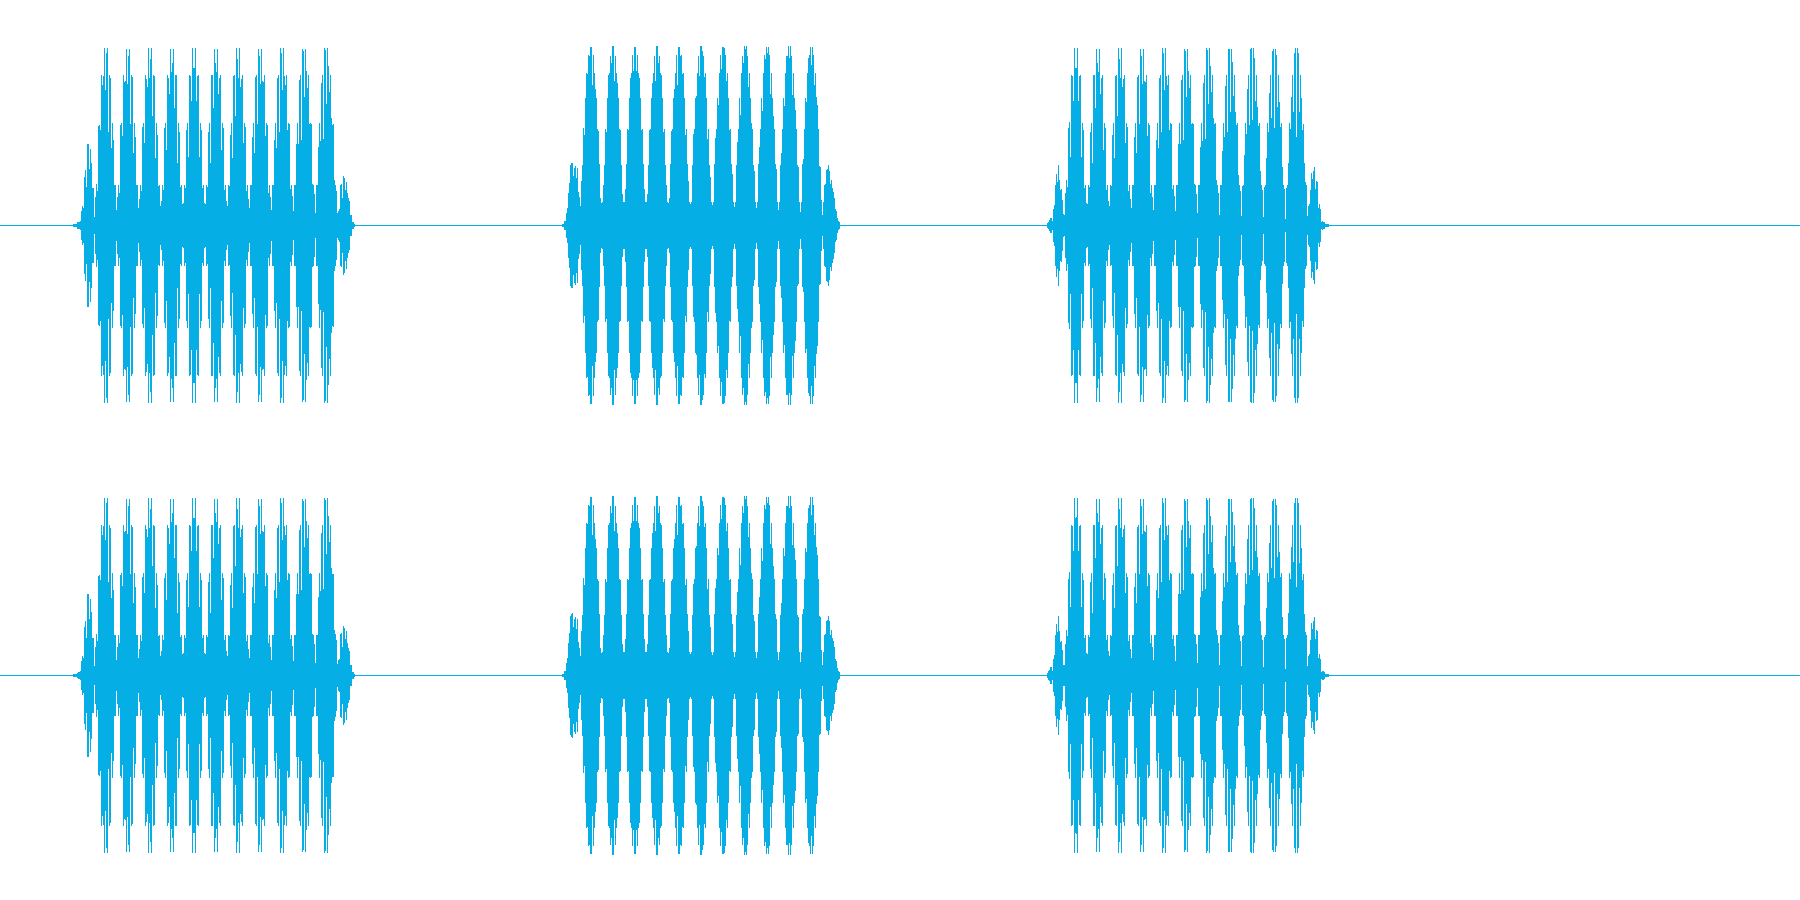 ポピポ (研究や医療に適した効果音)の再生済みの波形